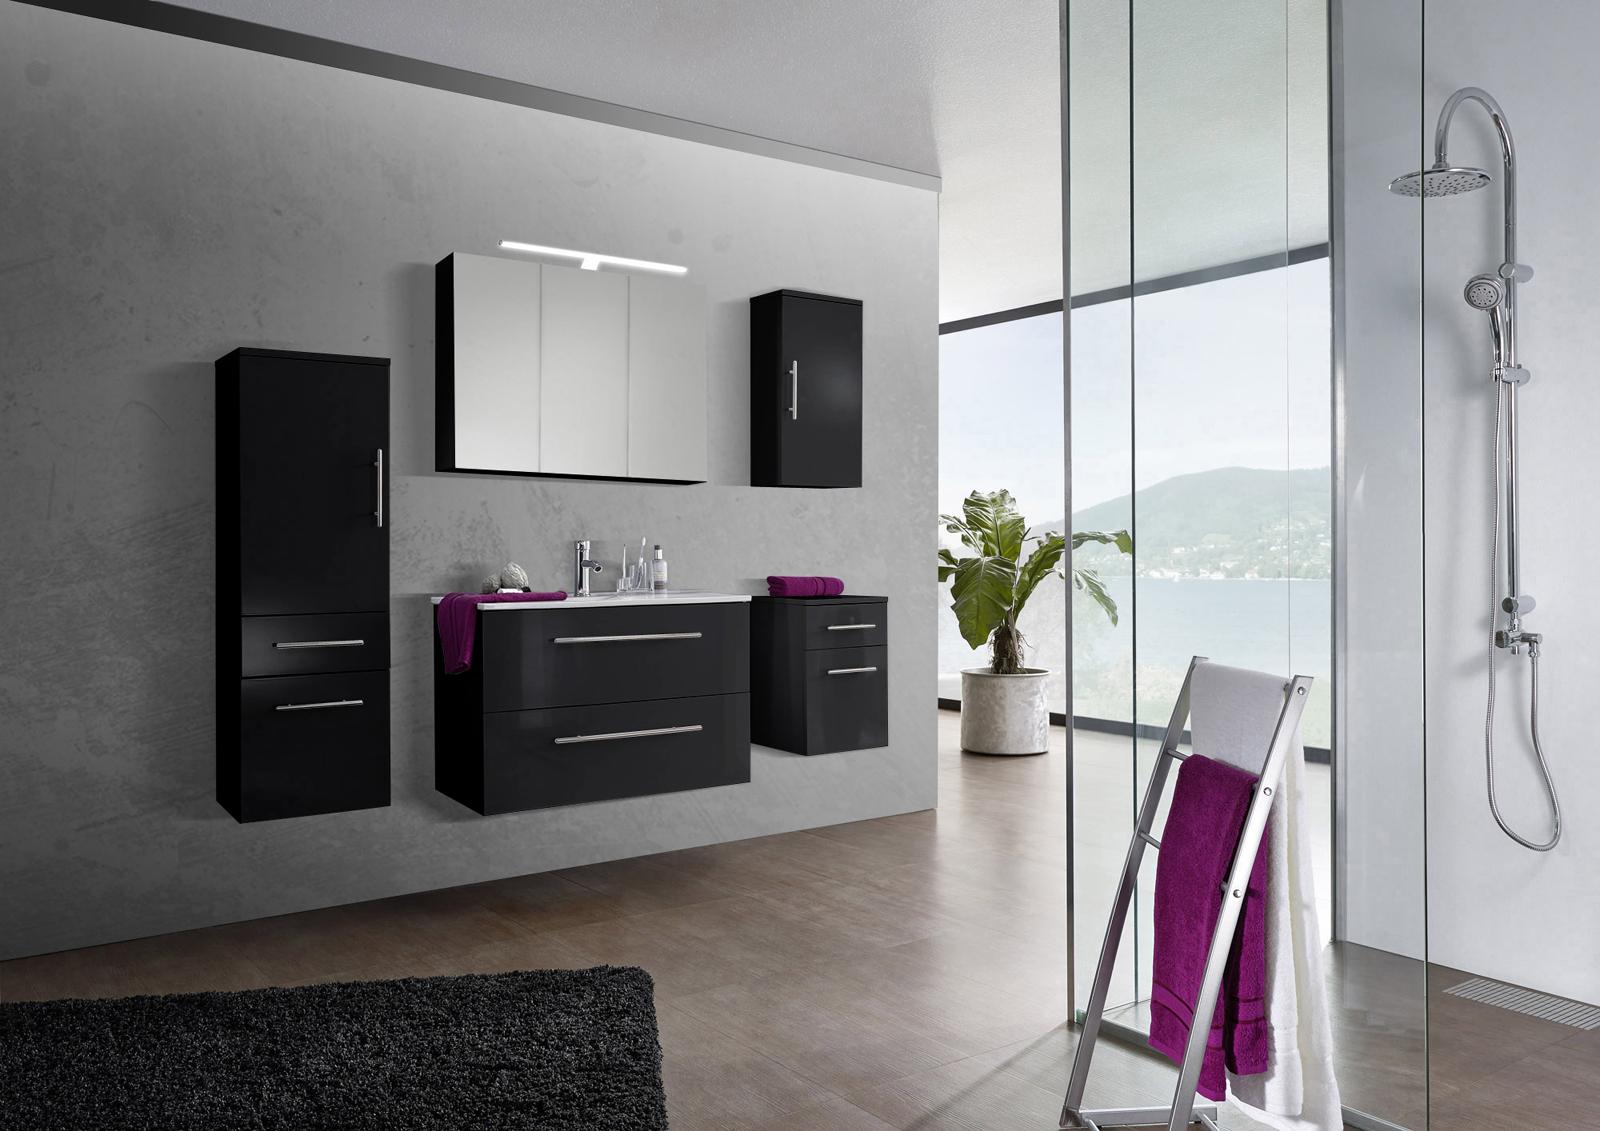 Sam 5tlg badezimmer set spiegelschrank schwarz 90 cm for Badezimmer 90 cm